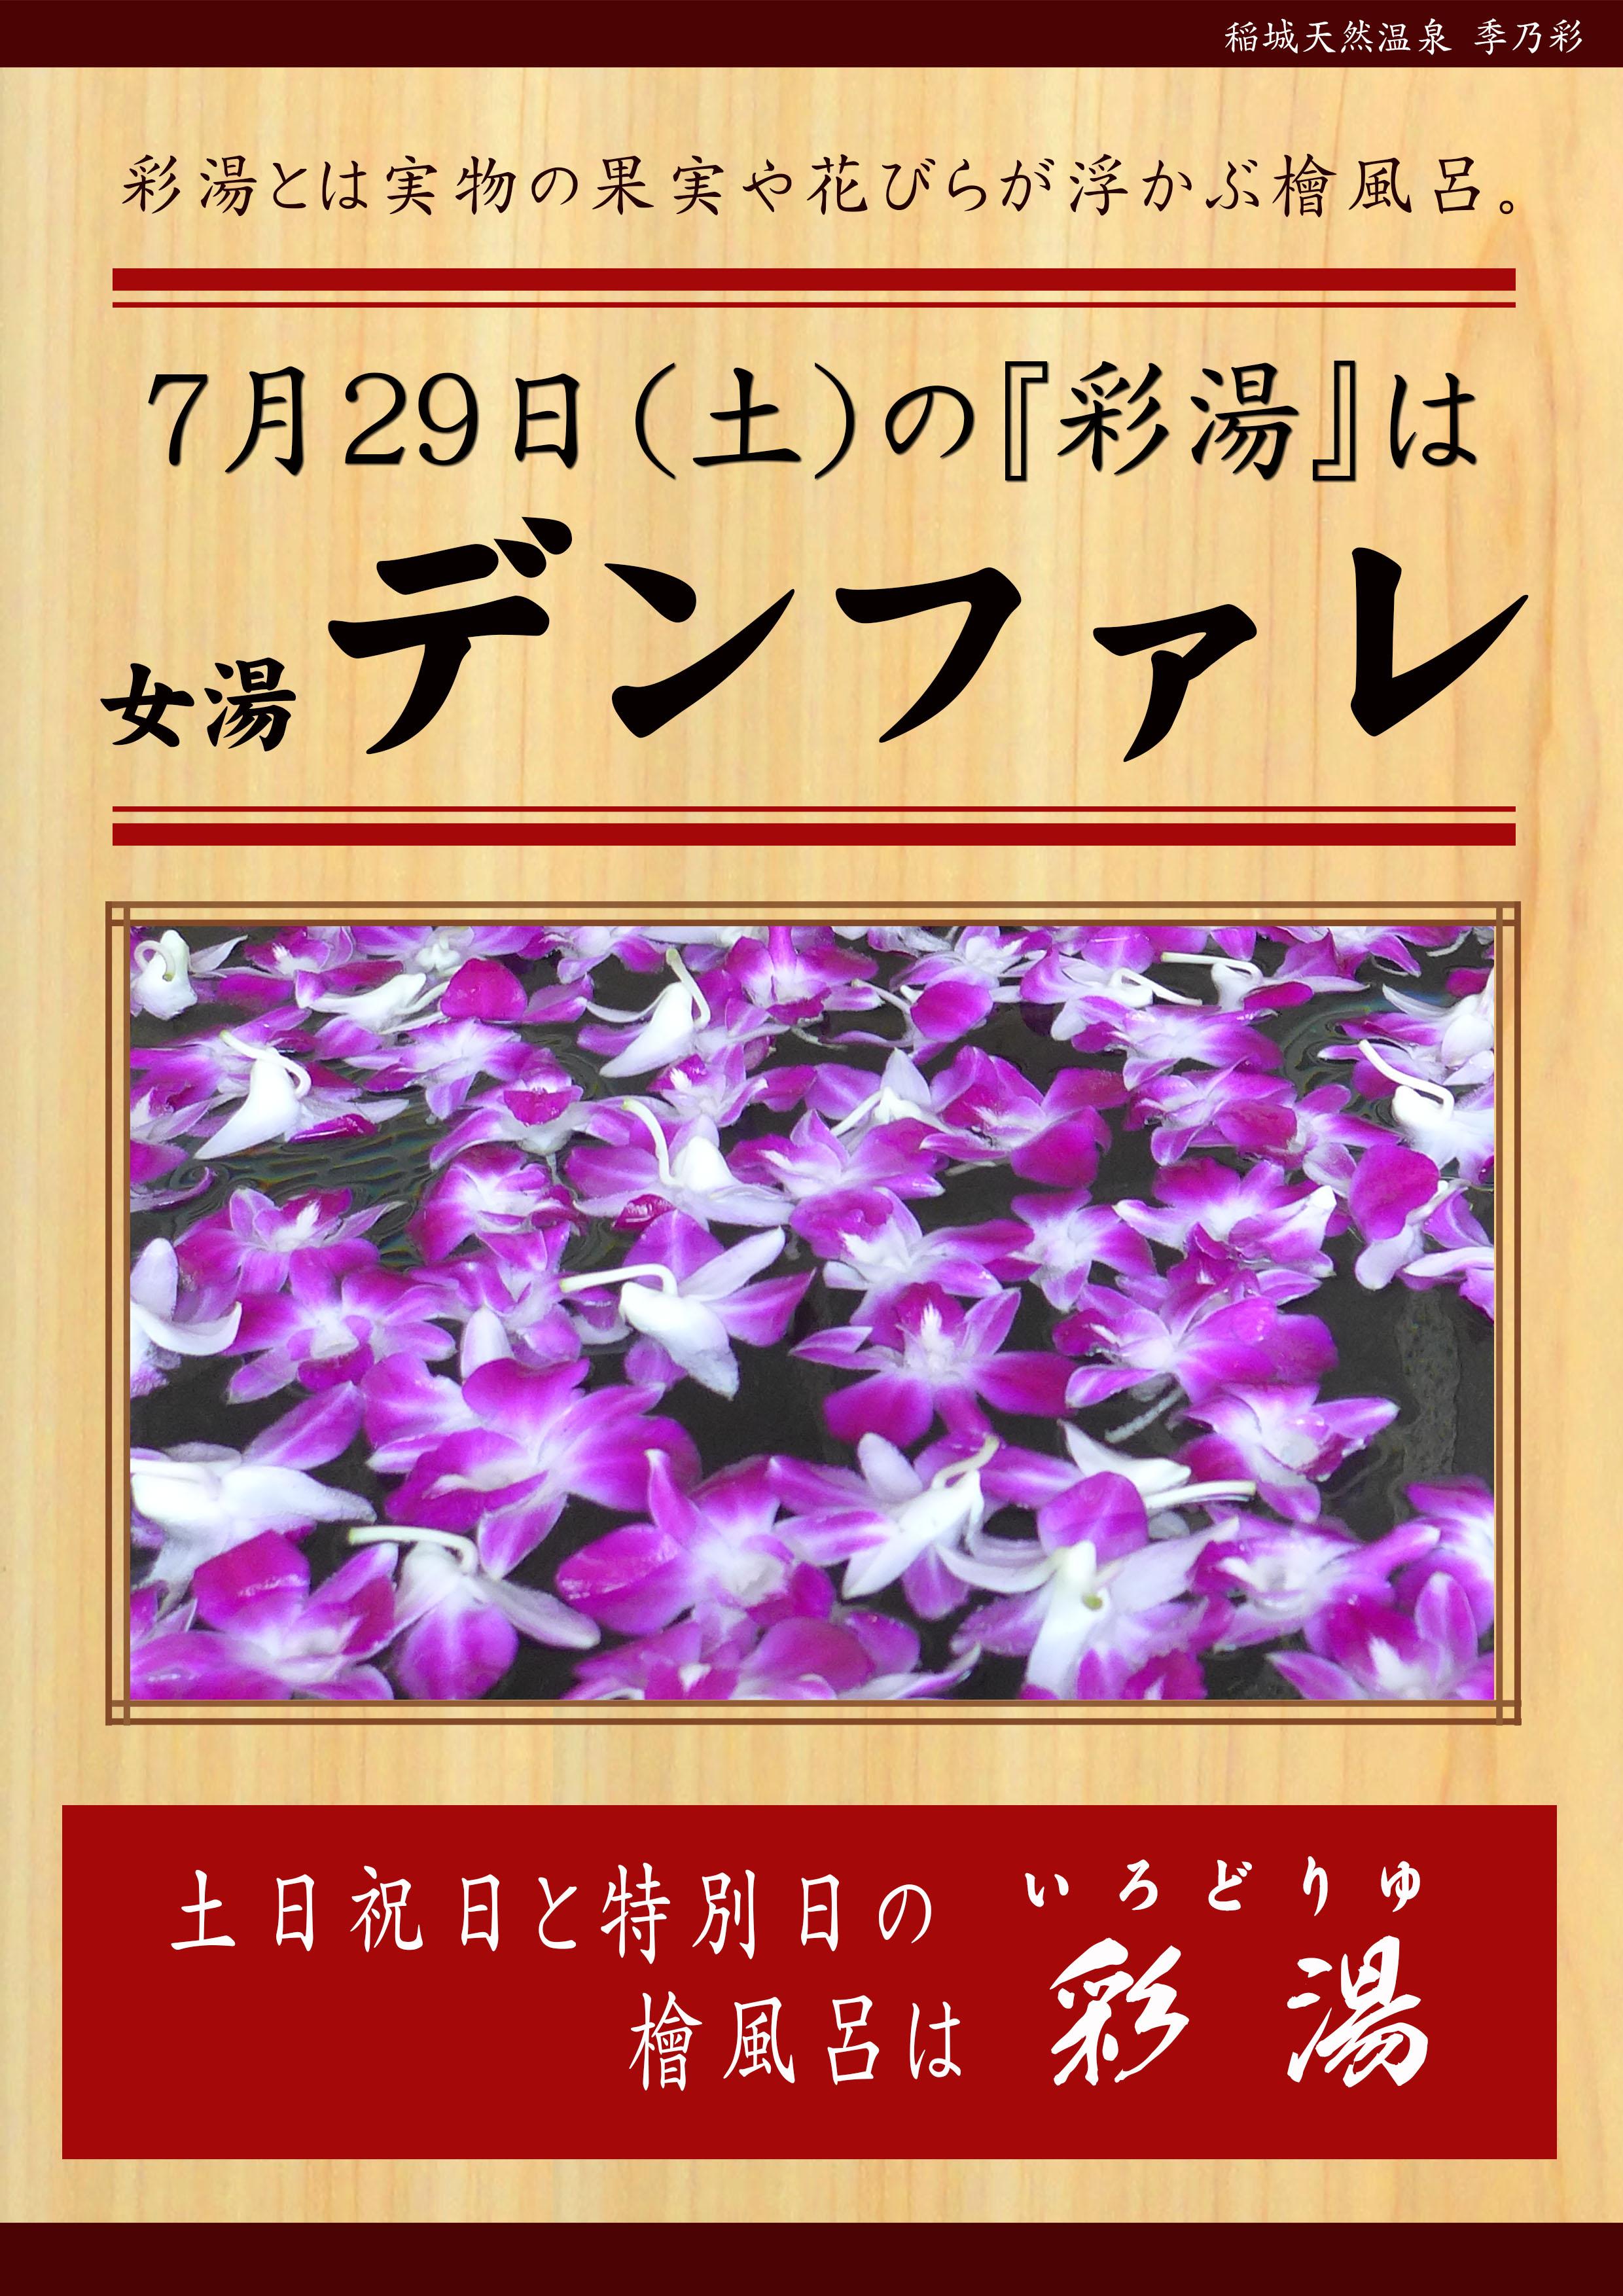 20170729POP イベント 彩湯 女湯 デンファレ